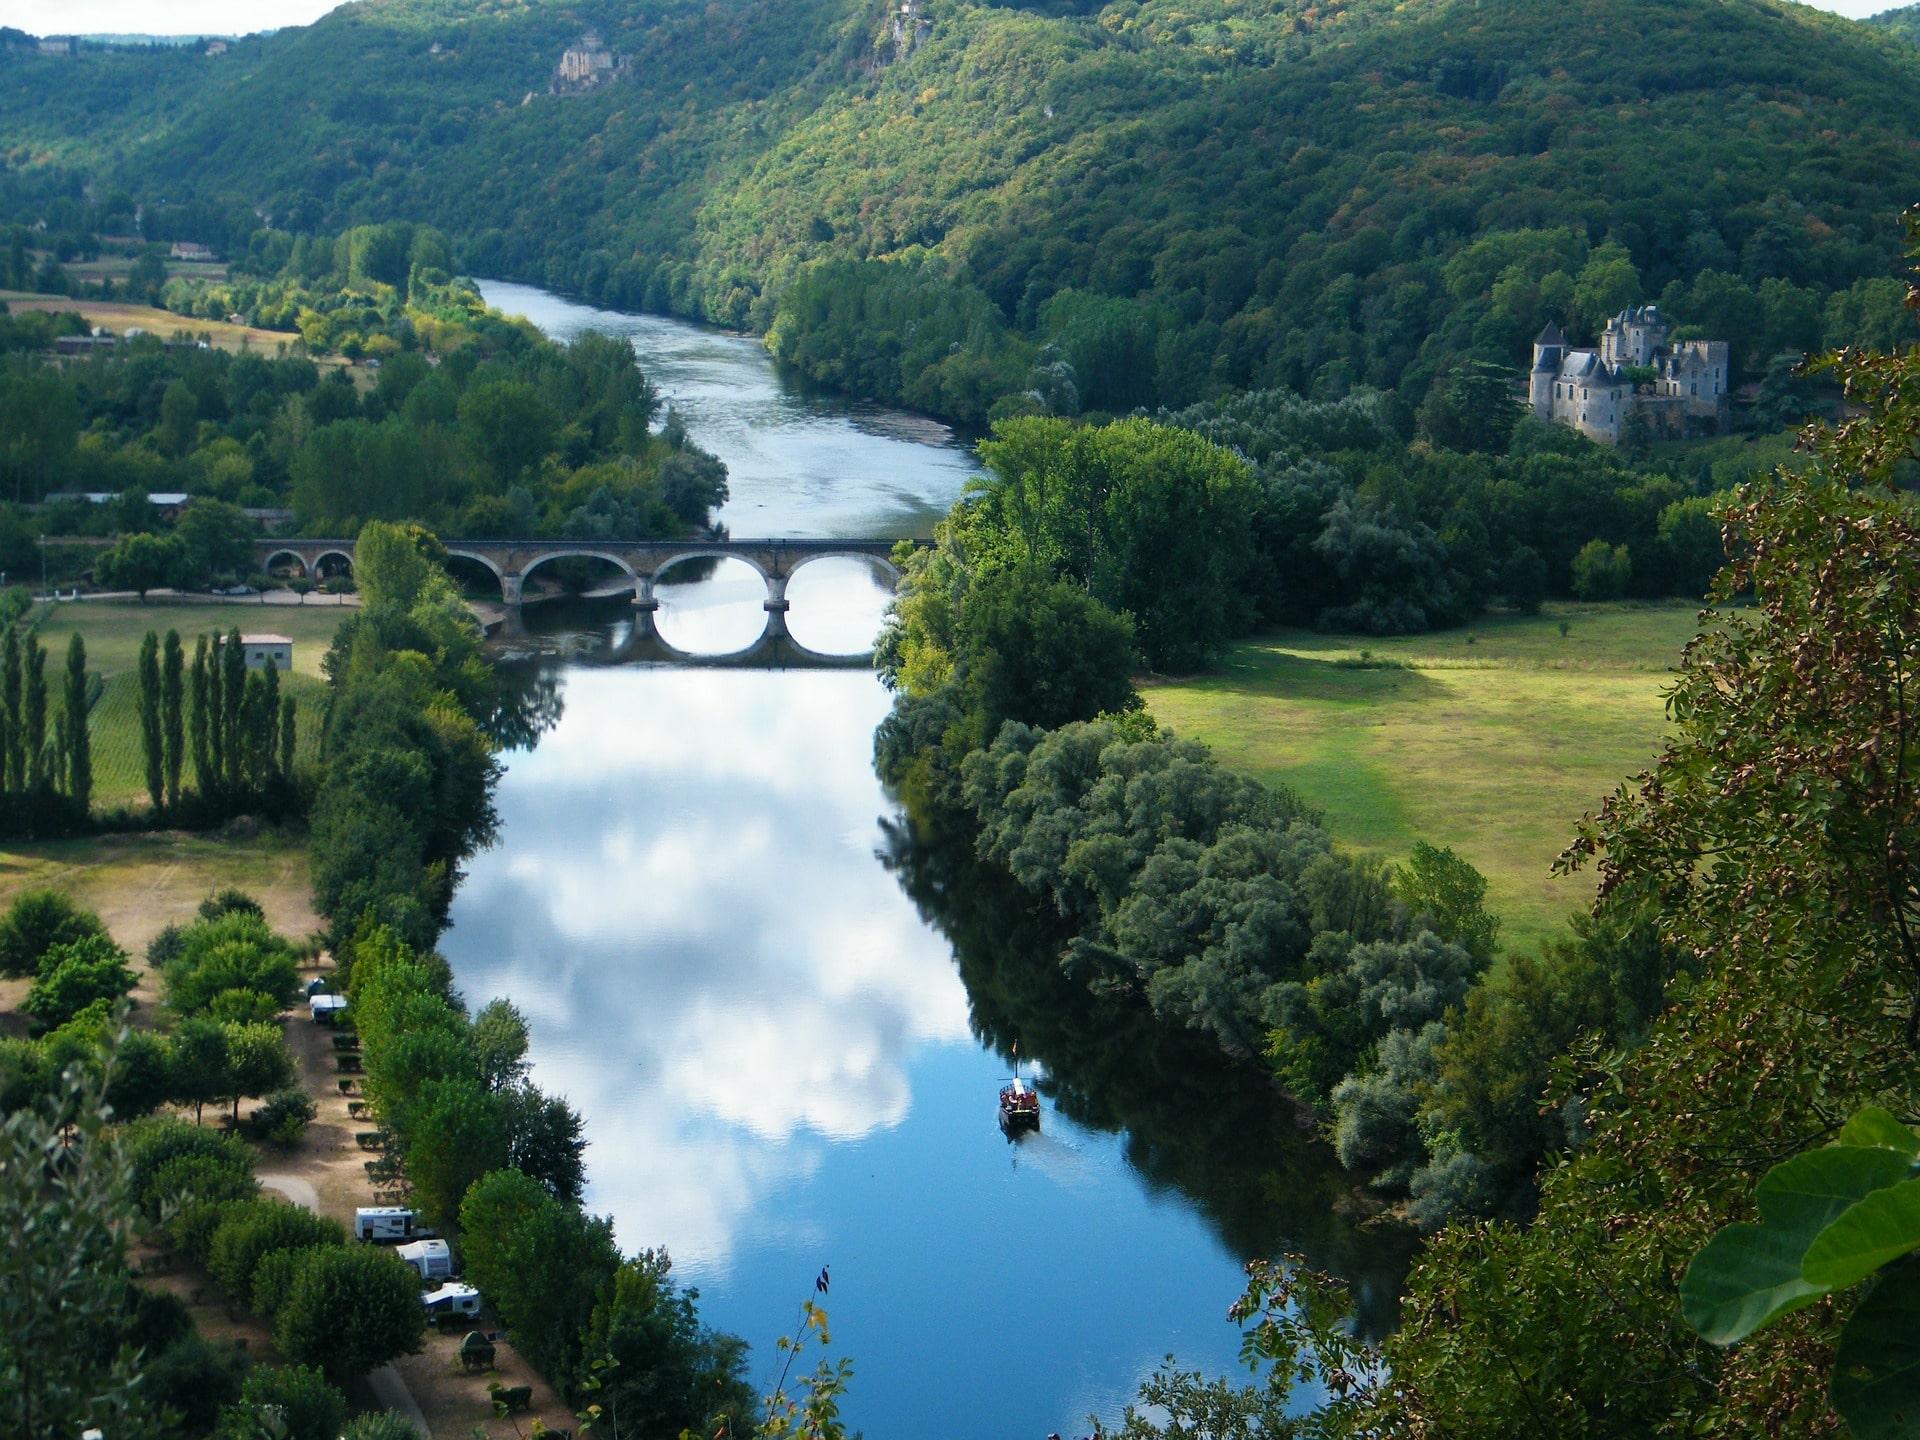 The river Dordogne and Chateau de Castelnaid